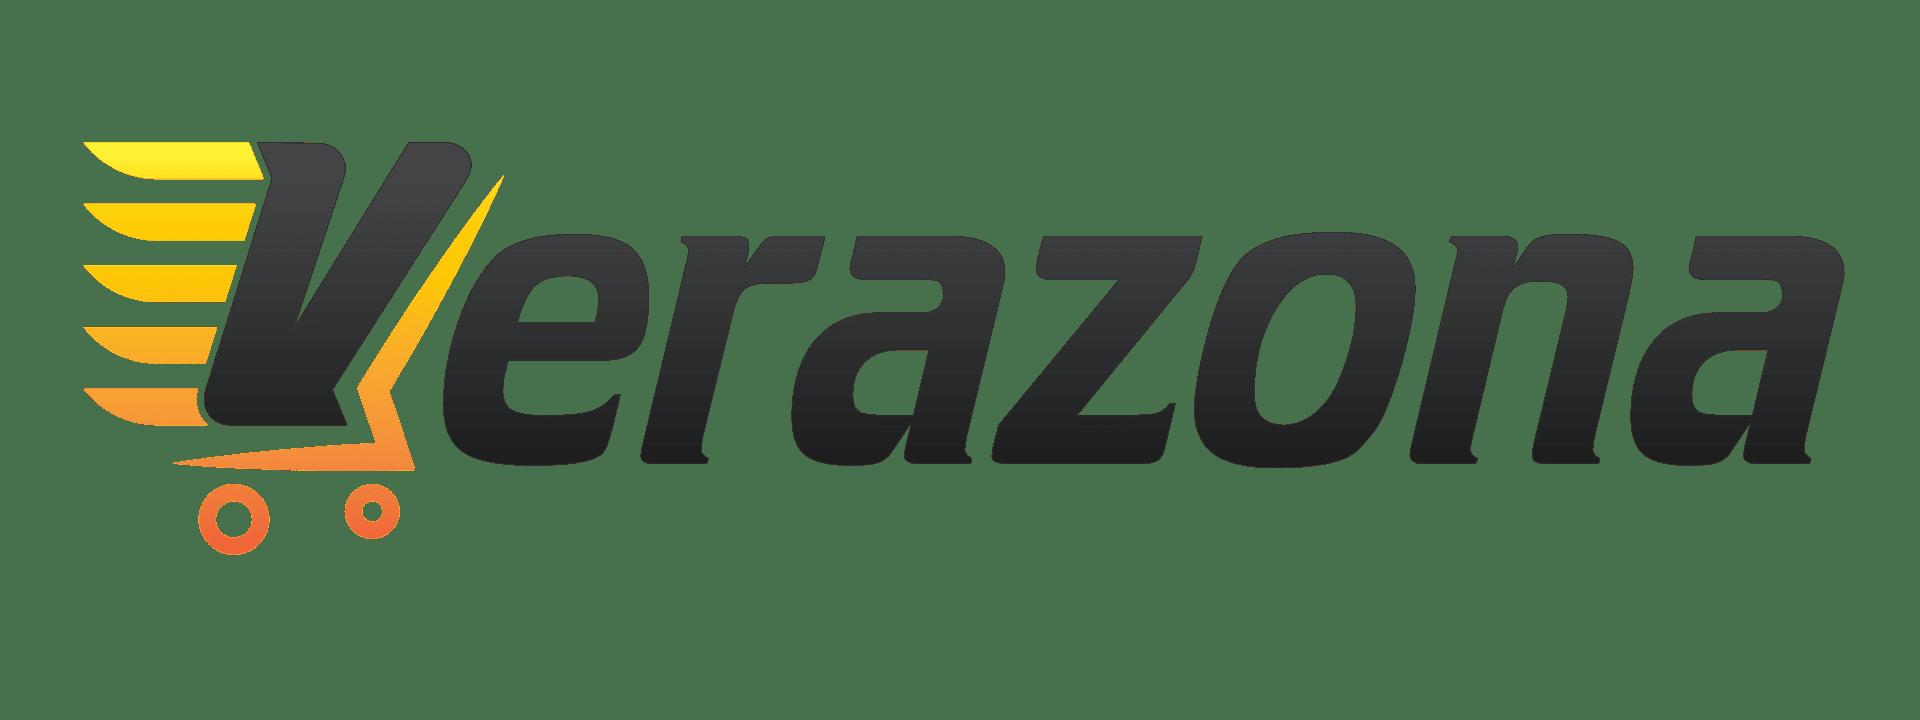 Verazona.com